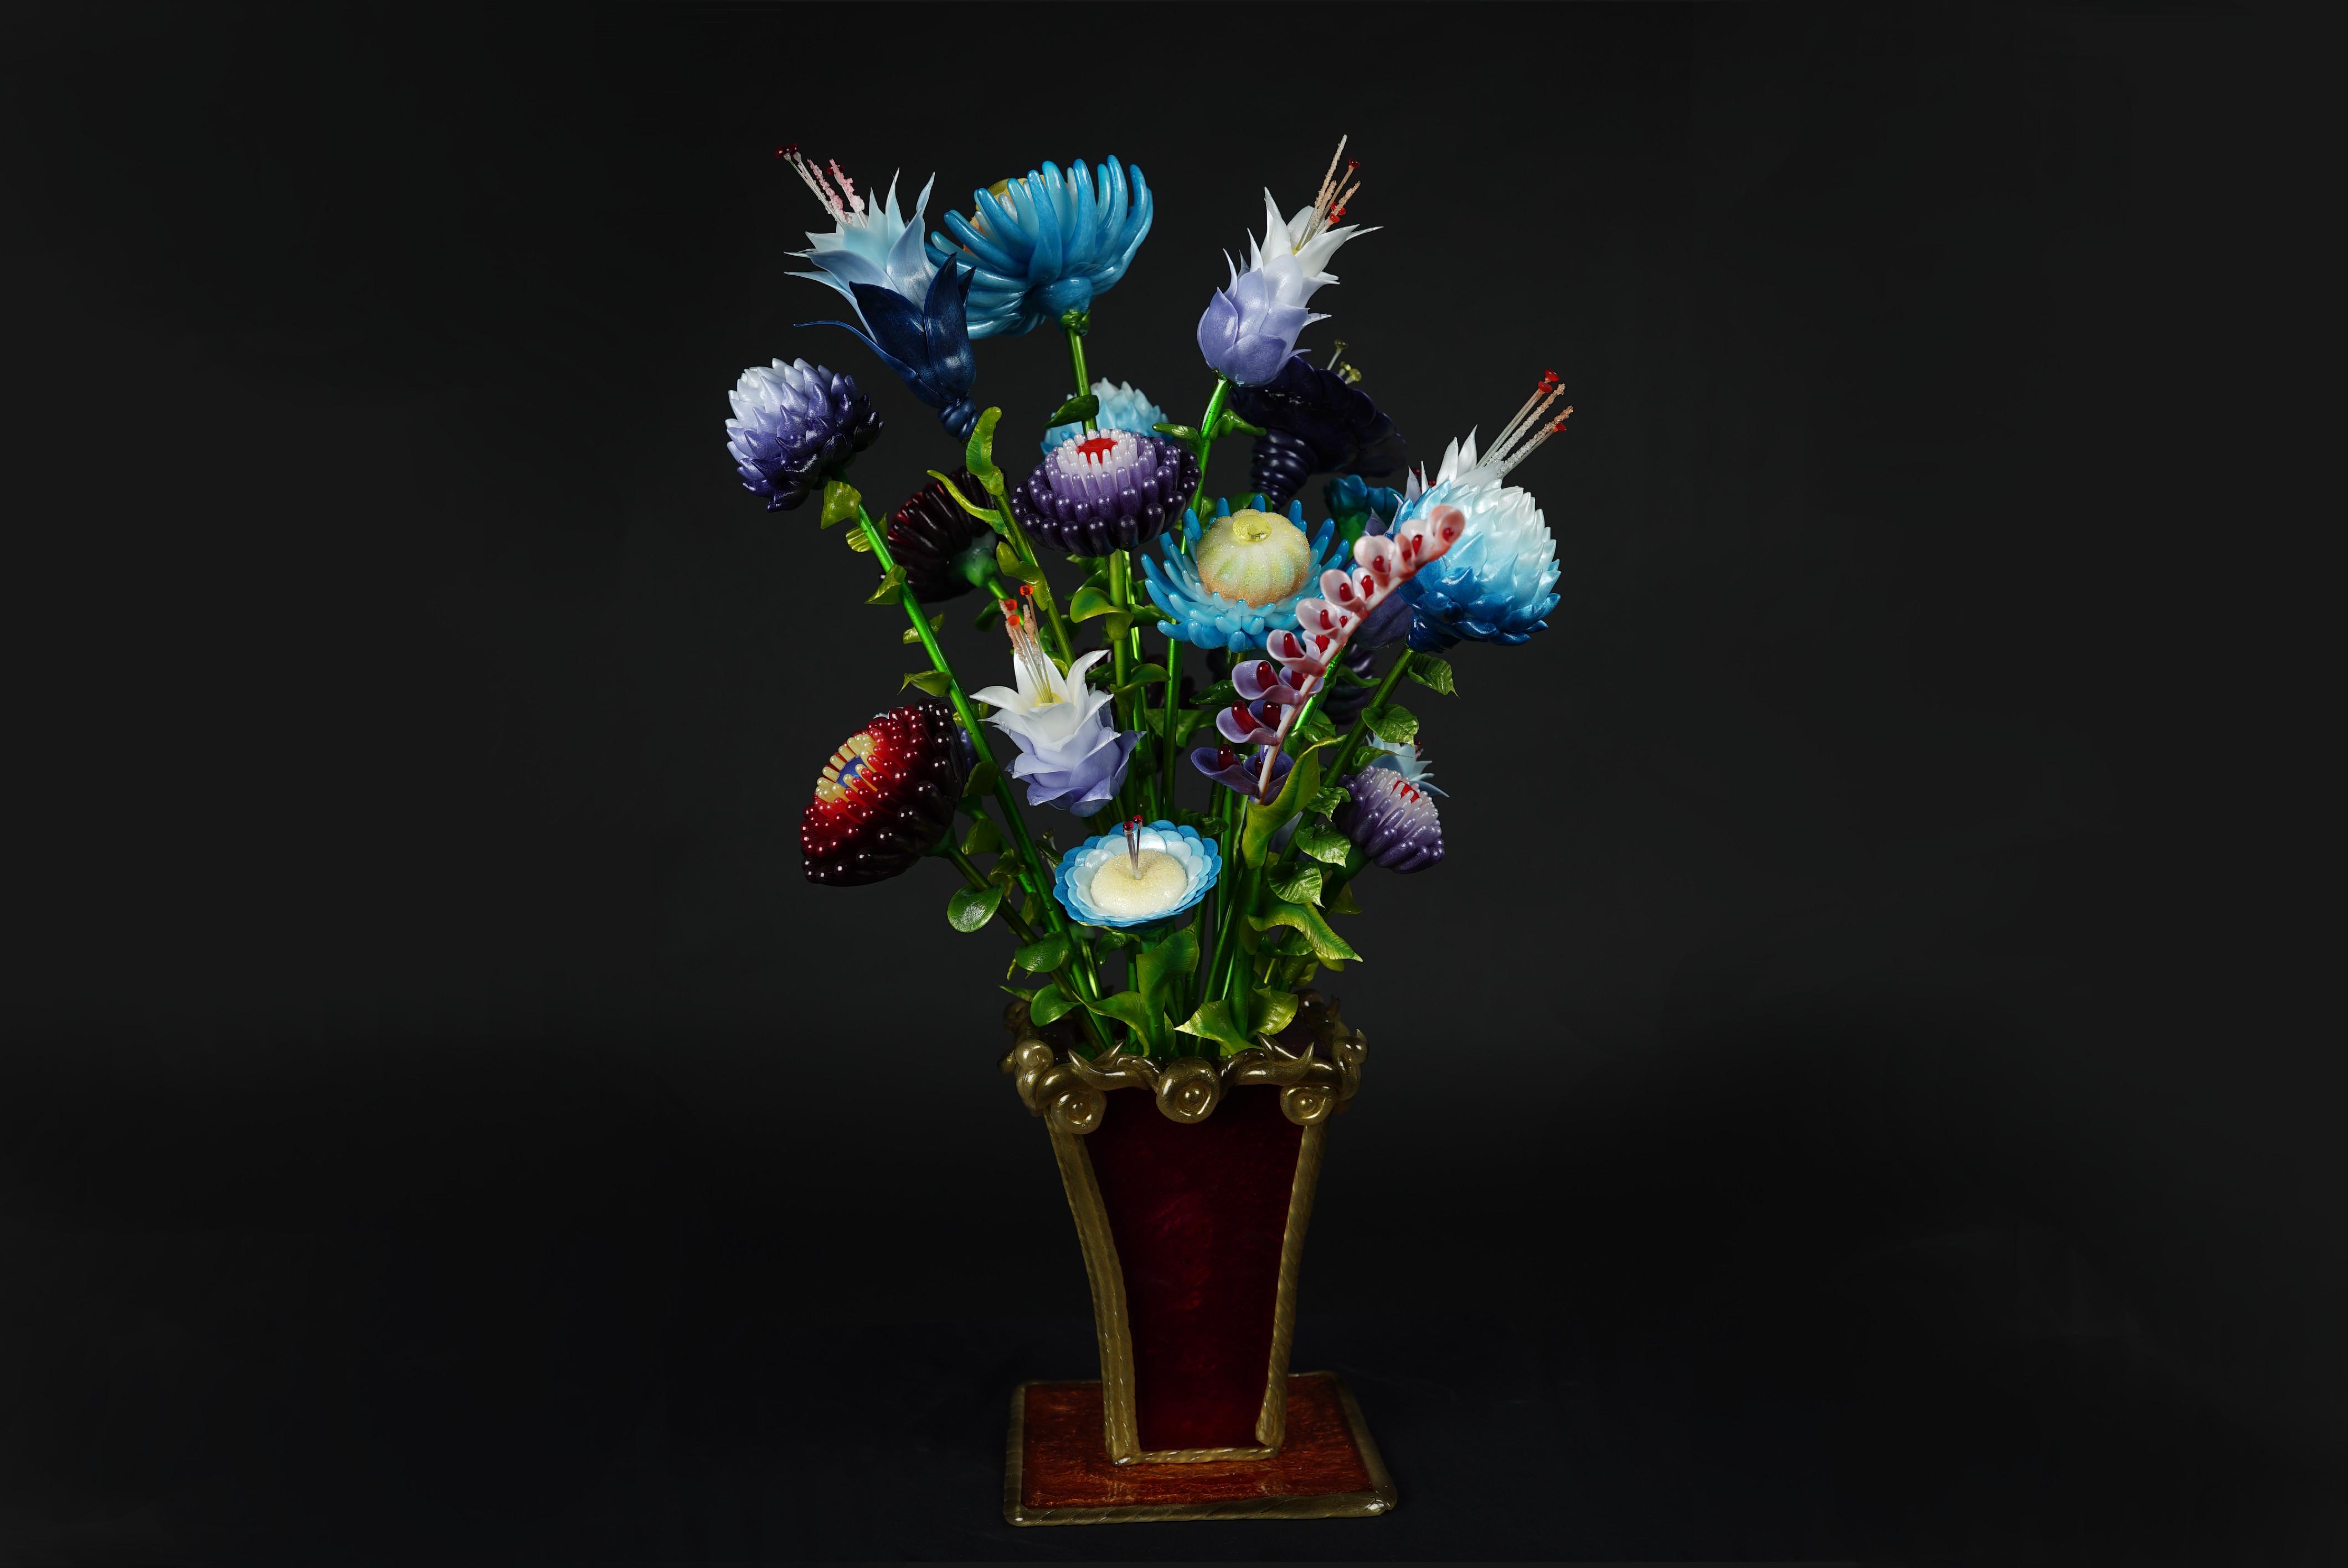 Les Paupière des Fleurs